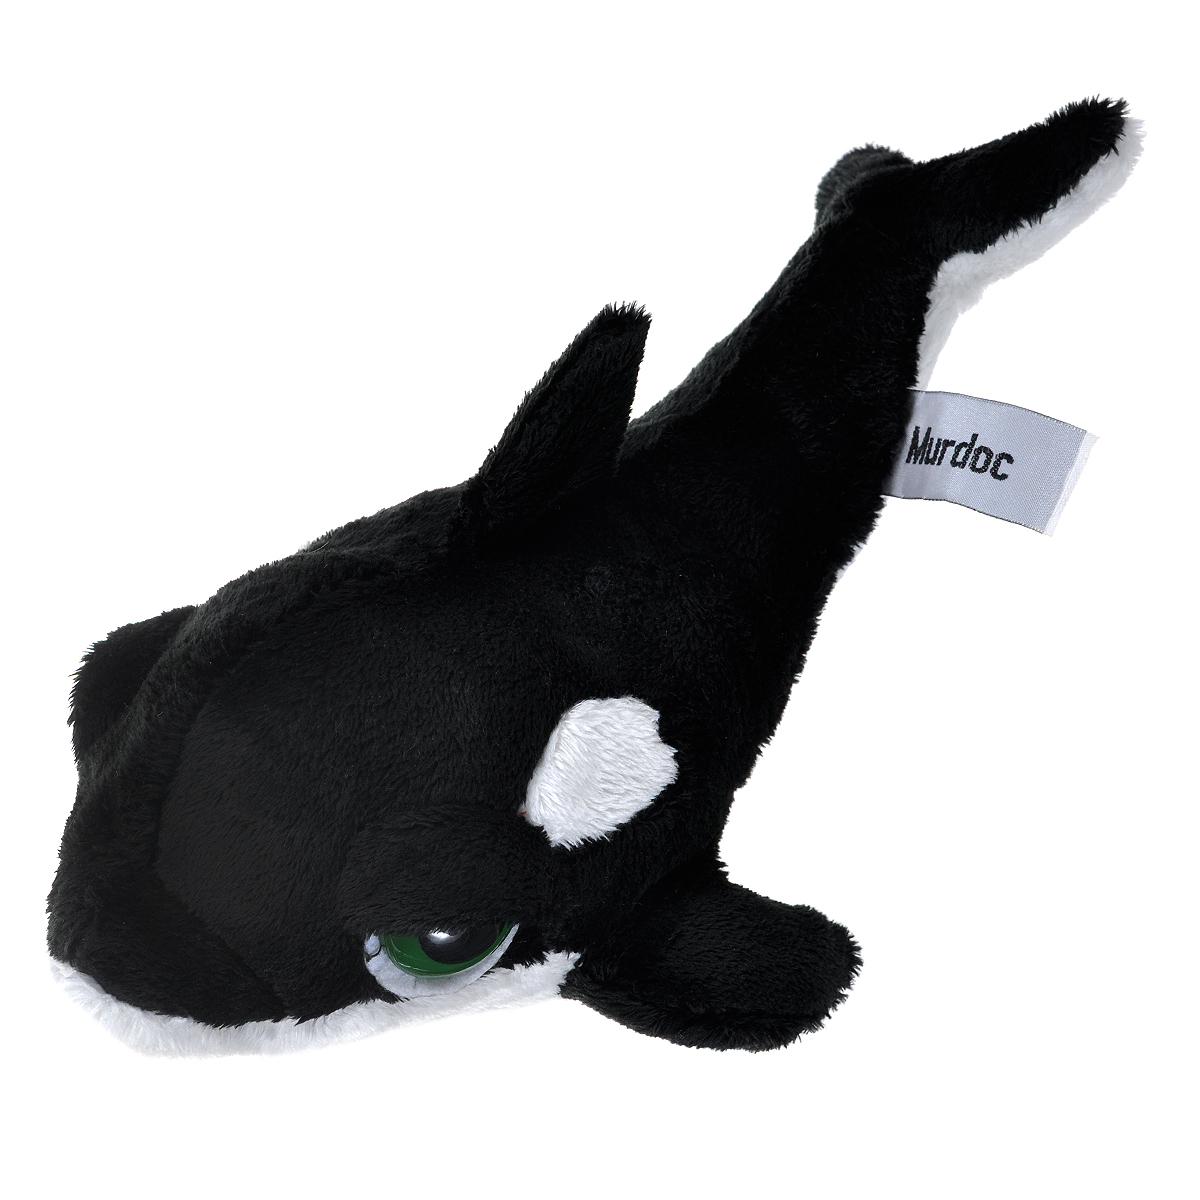 Мягкая игрушка Russ Кит Пиперс, 27 см23090Очаровательная мягкая игрушка Russ Кит Пиперс, выполненная в виде кита черно-белого цвета с большими грустными глазками, вызовет умиление и улыбку у каждого, кто ее увидит. Игрушка изготовлена из высококачественных нетоксичных и гипоаллергенных материалов и наделена индивидуальностью и невероятным шармом. Специальные гранулы, используемые при набивке, способствуют развитию мелкой моторики рук малыша. Удивительно мягкая игрушка принесет радость и подарит своему обладателю мгновения нежных объятий и приятных воспоминаний. Великолепное качество исполнения делают эту игрушку чудесным подарком к любому празднику.